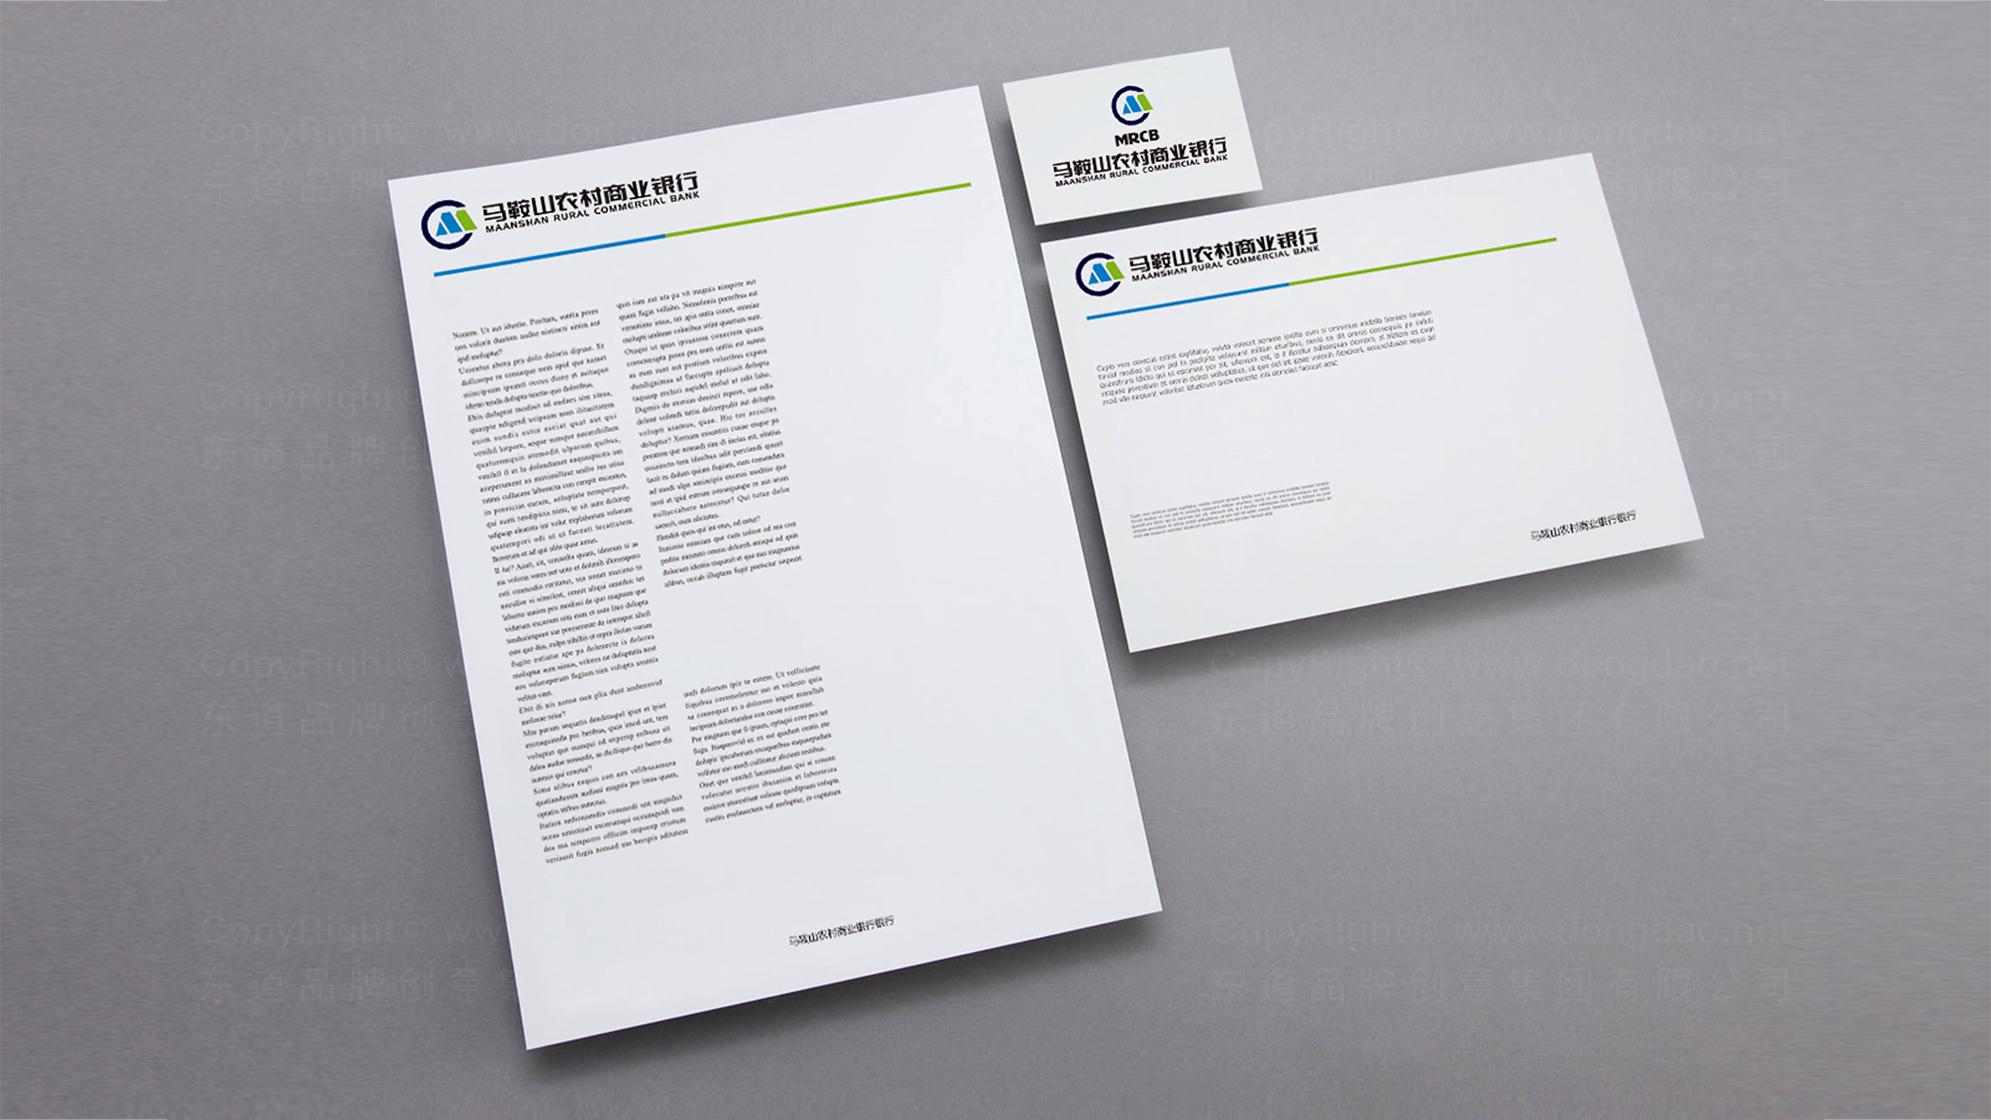 品牌设计马鞍山农商行LOGO&VI设计应用